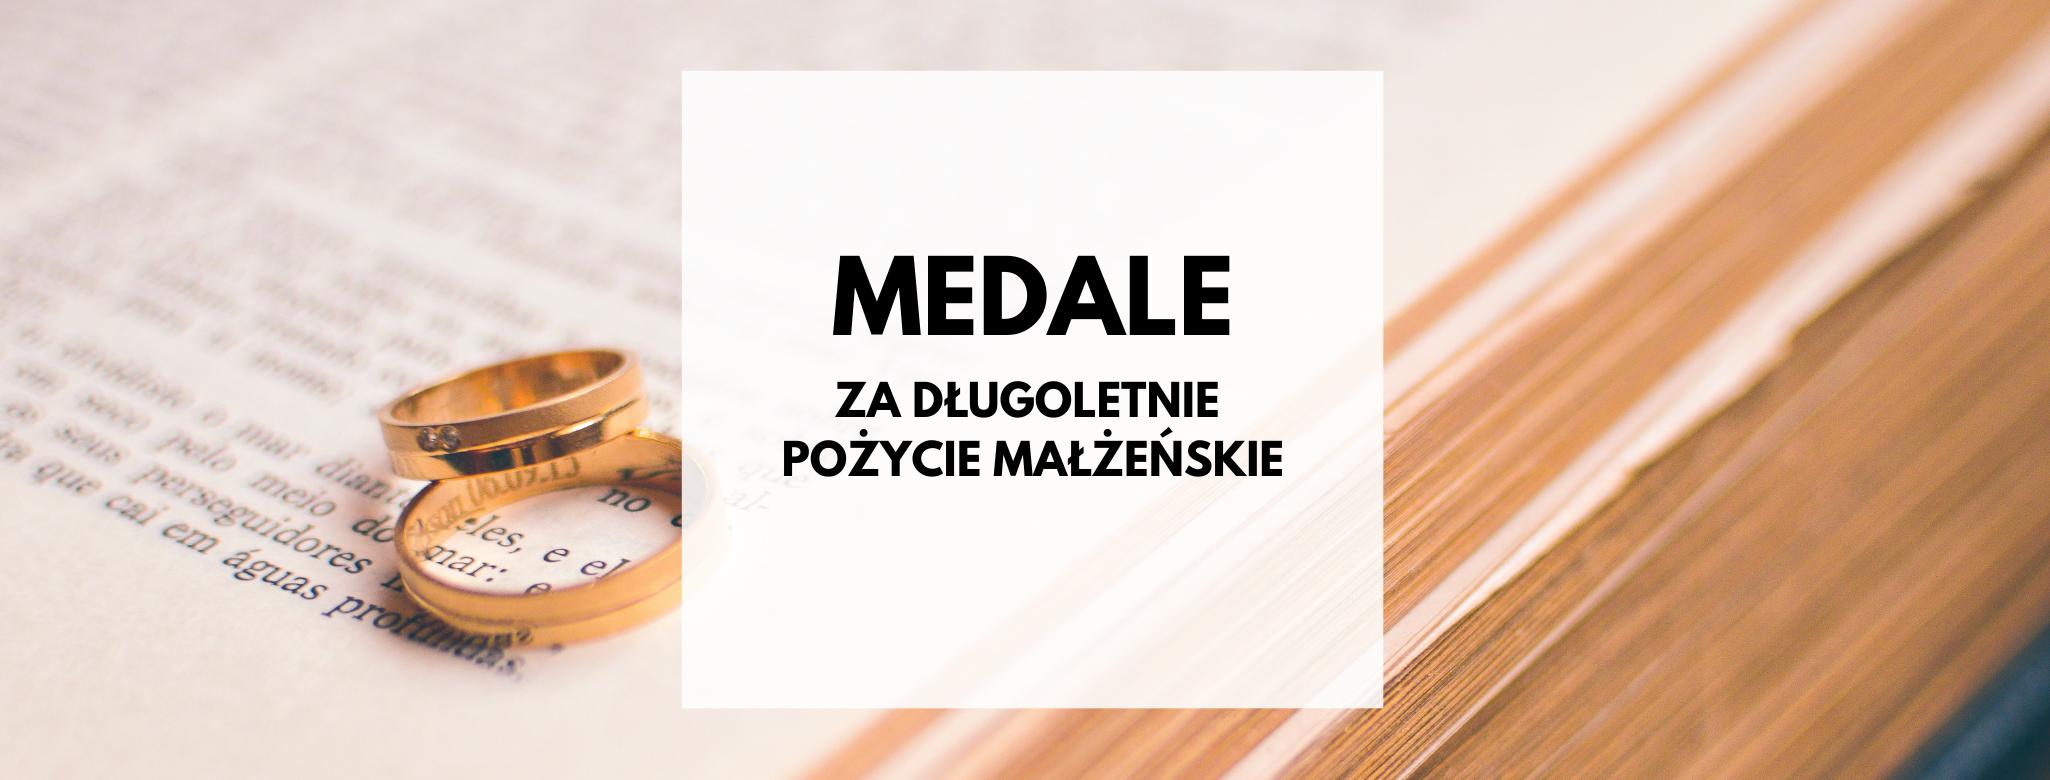 nagłówek graficzny o treści: medale za długoletnie pożycie małżeńskie